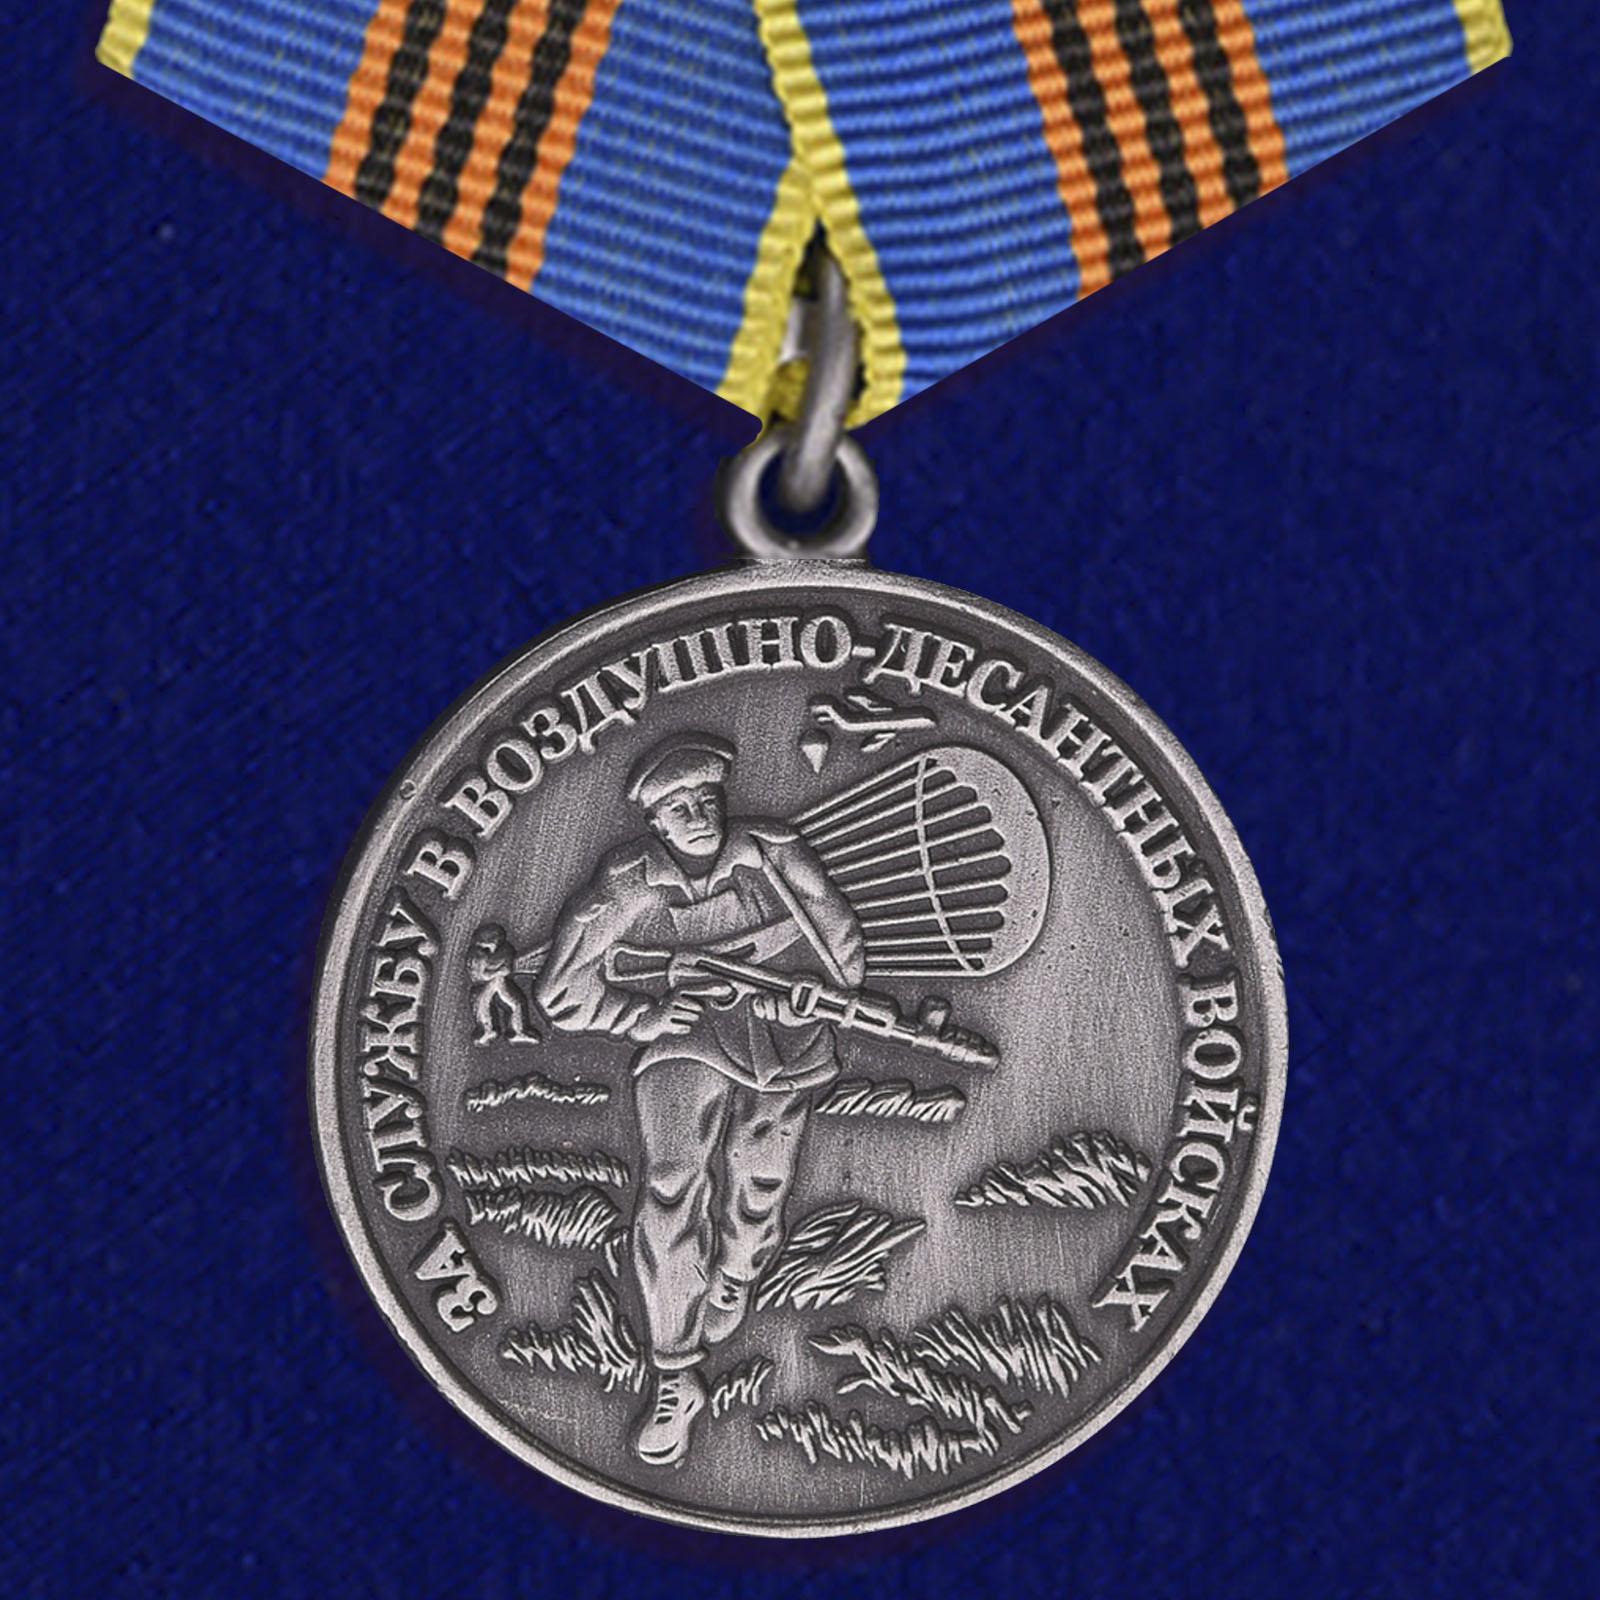 Купить медаль За службу в ВДВ серебряная на подставке по лучшей цене